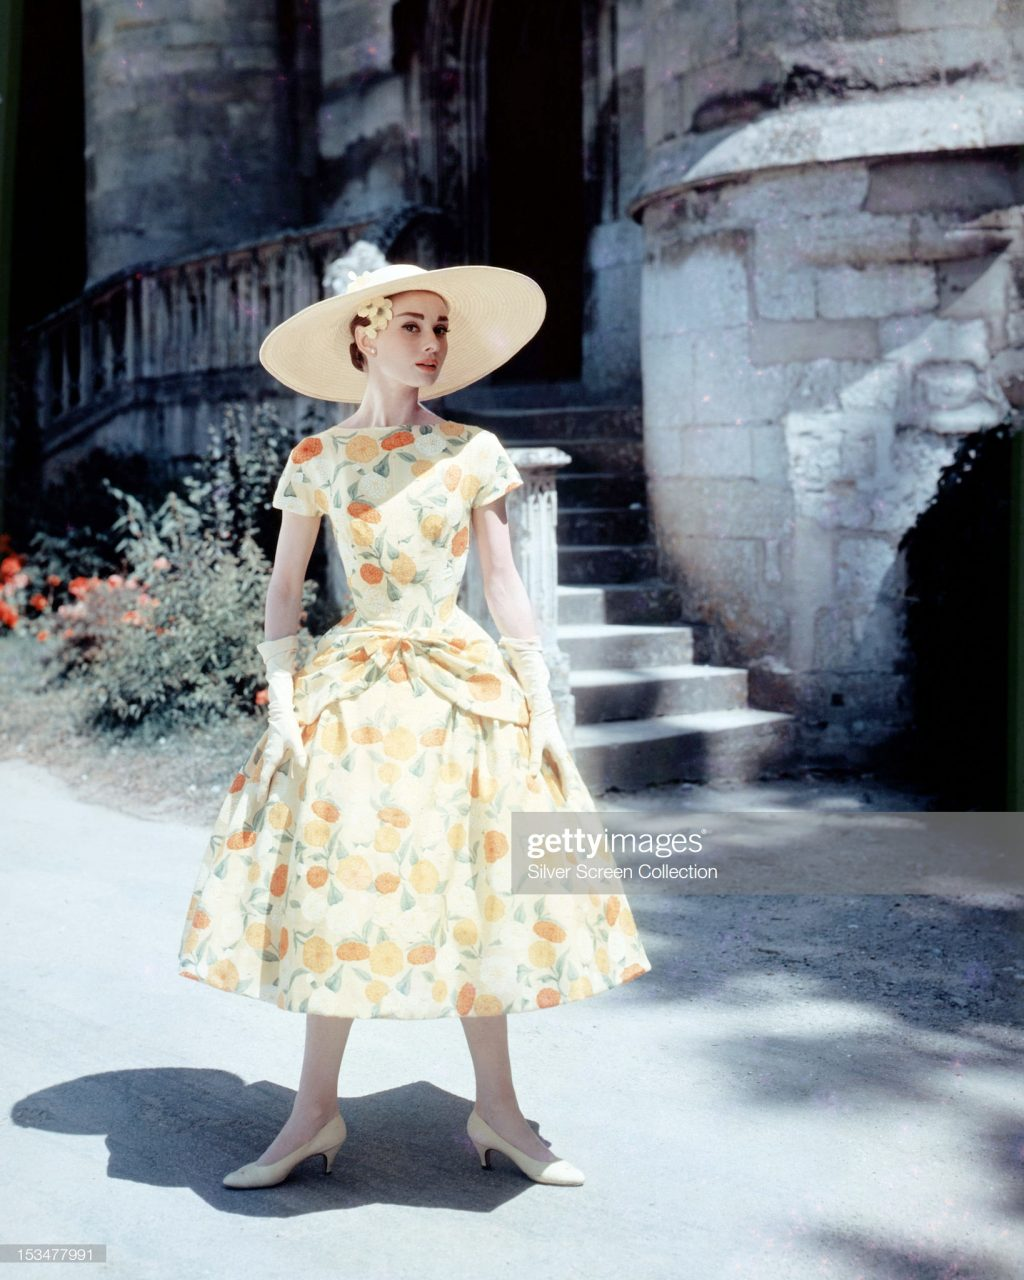 Sau bức màn tăm tối của chiến tranh, màu sắc tươi sáng lại trở về với thời trang được đánh dấu bằng sự đổ bộ của kiểu váy ôm tôn lên vóc dáng đồng hồ cát, làm xiêu lòng các quý ông. Marilyn Monroe và Audrey Hepburn trở thành biểu tượng phong cách của hàng triệu cô gái.